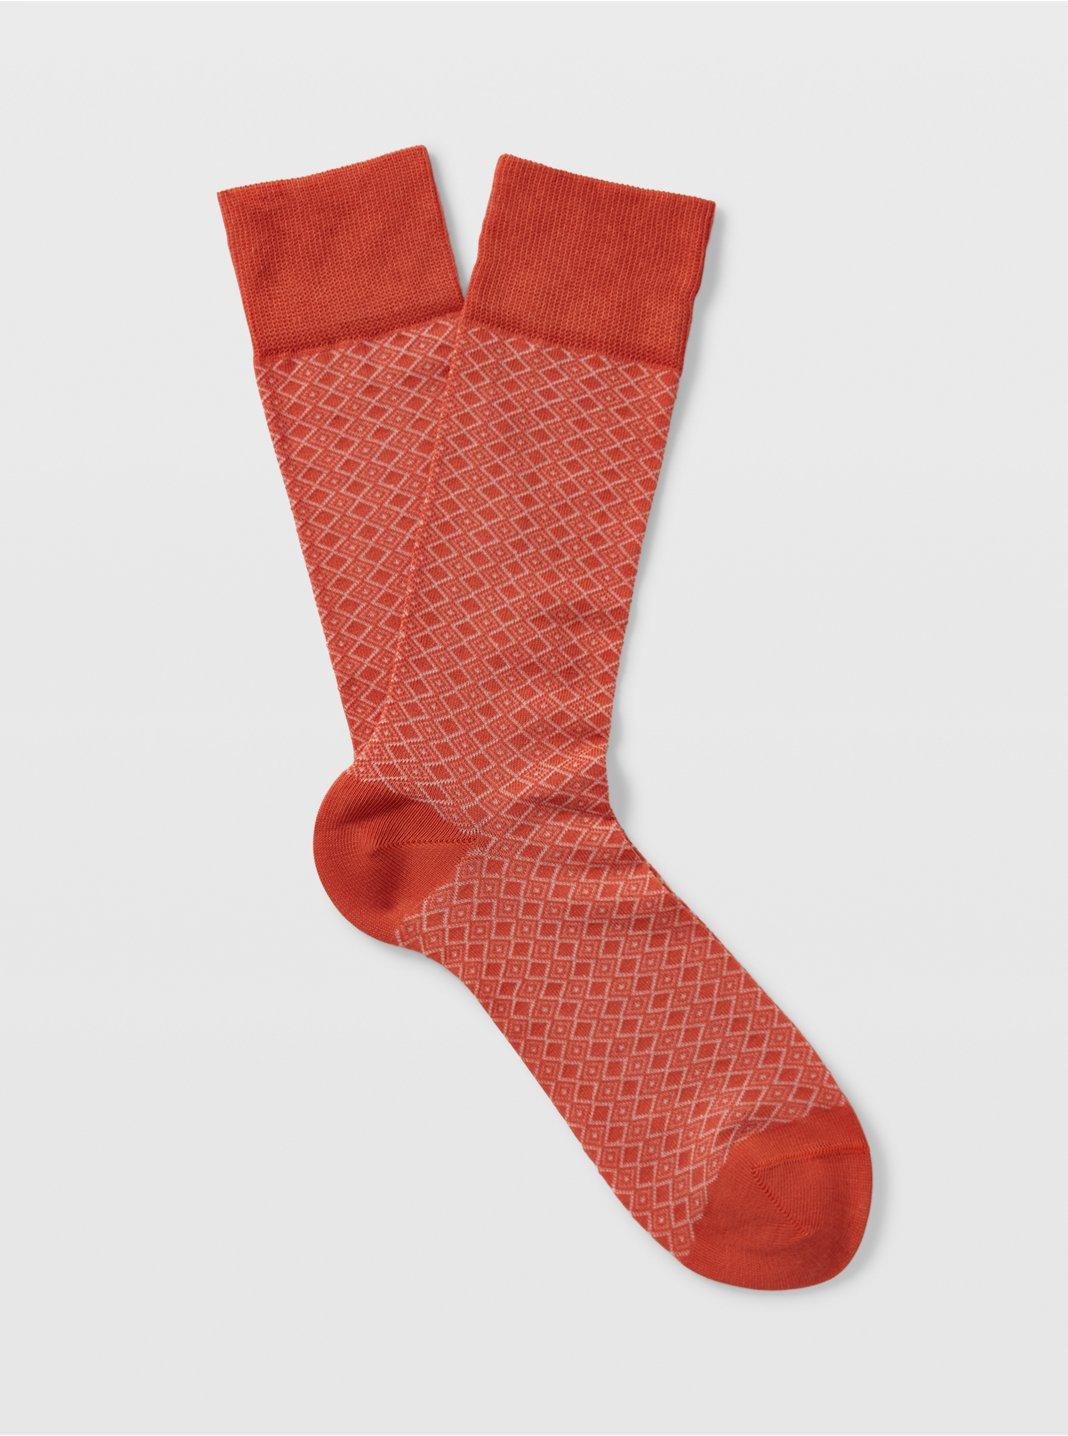 Tile Socks